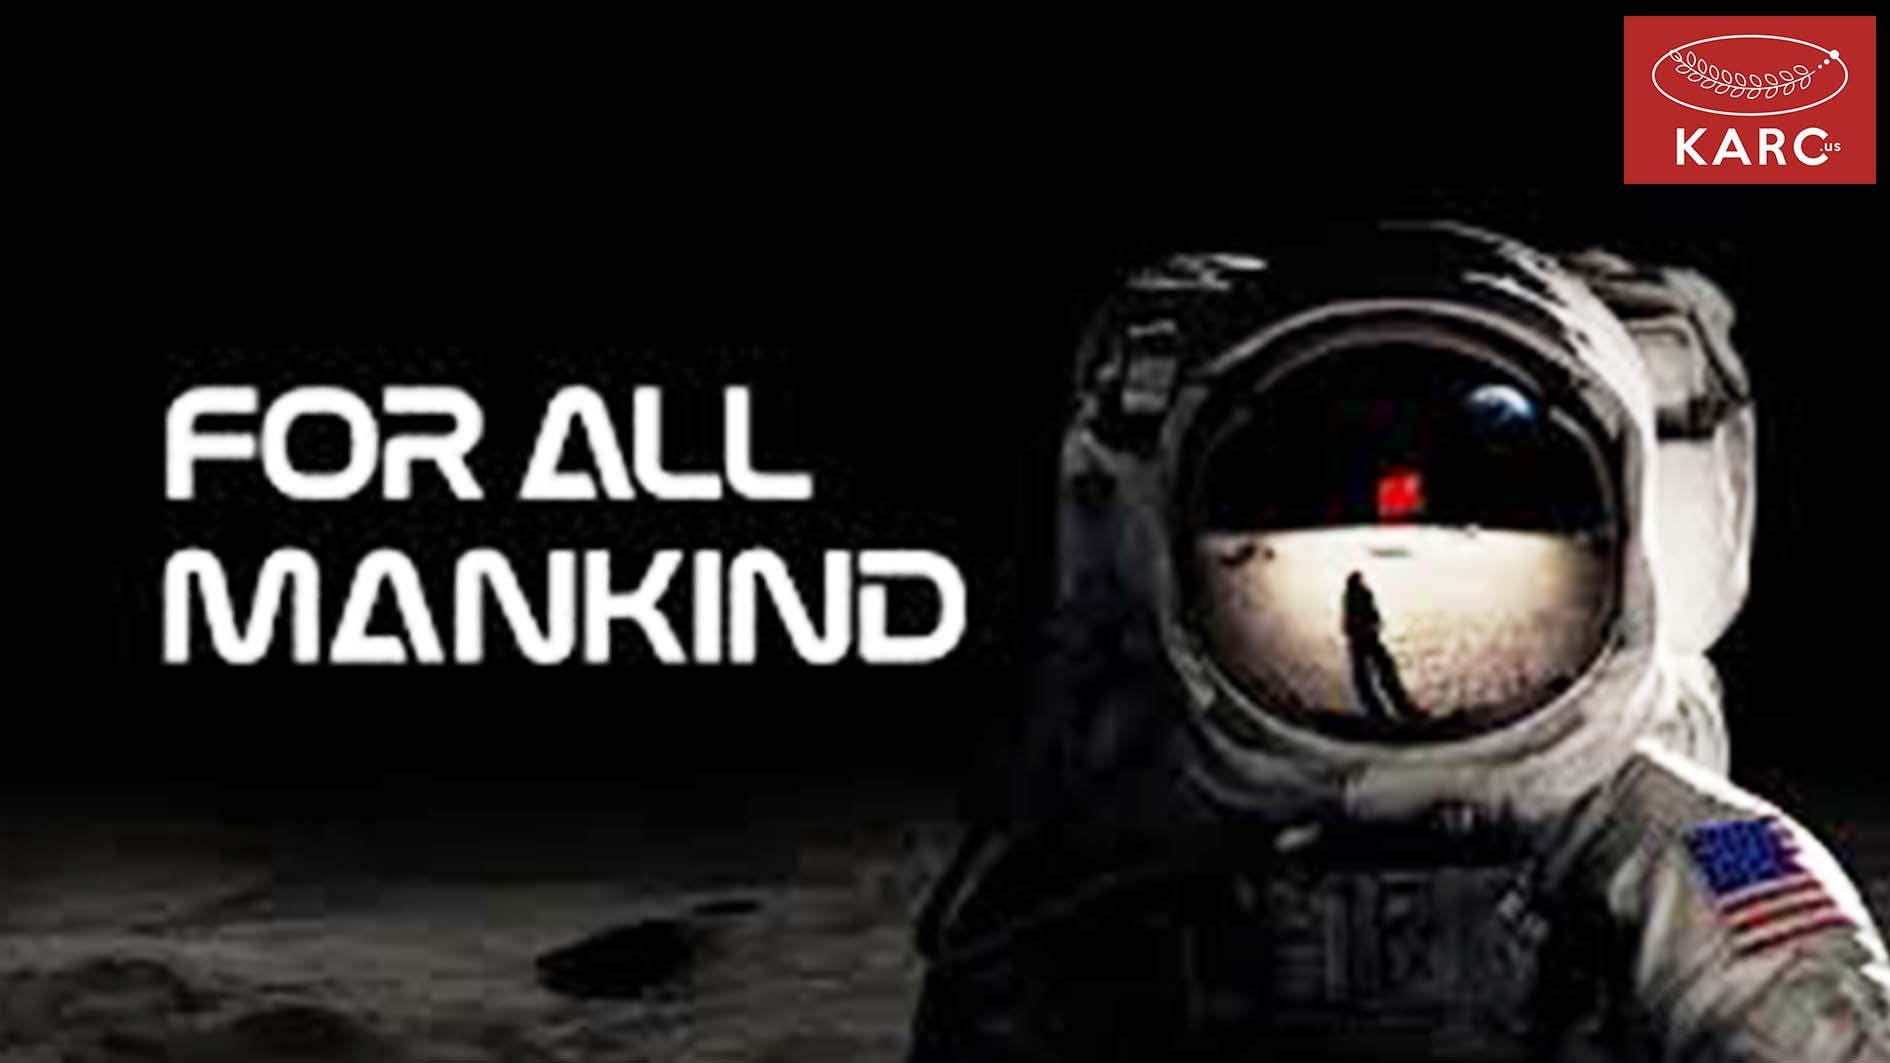 รีวิวซีรี่ย์ Apple TV+ For All Mankind karc.us , วงการภาพยนต์ , แนะนำหนังดี , แนะนำหนังน่าดูหนังน่าดู , รีวิวหนังใหม่ , ก่อนตายต้องได้ดู! , ข่าวดารา , ข่าวเด่นประเด็นร้อน , รีวิวหนังใหม่ , หนังดังในอดีต